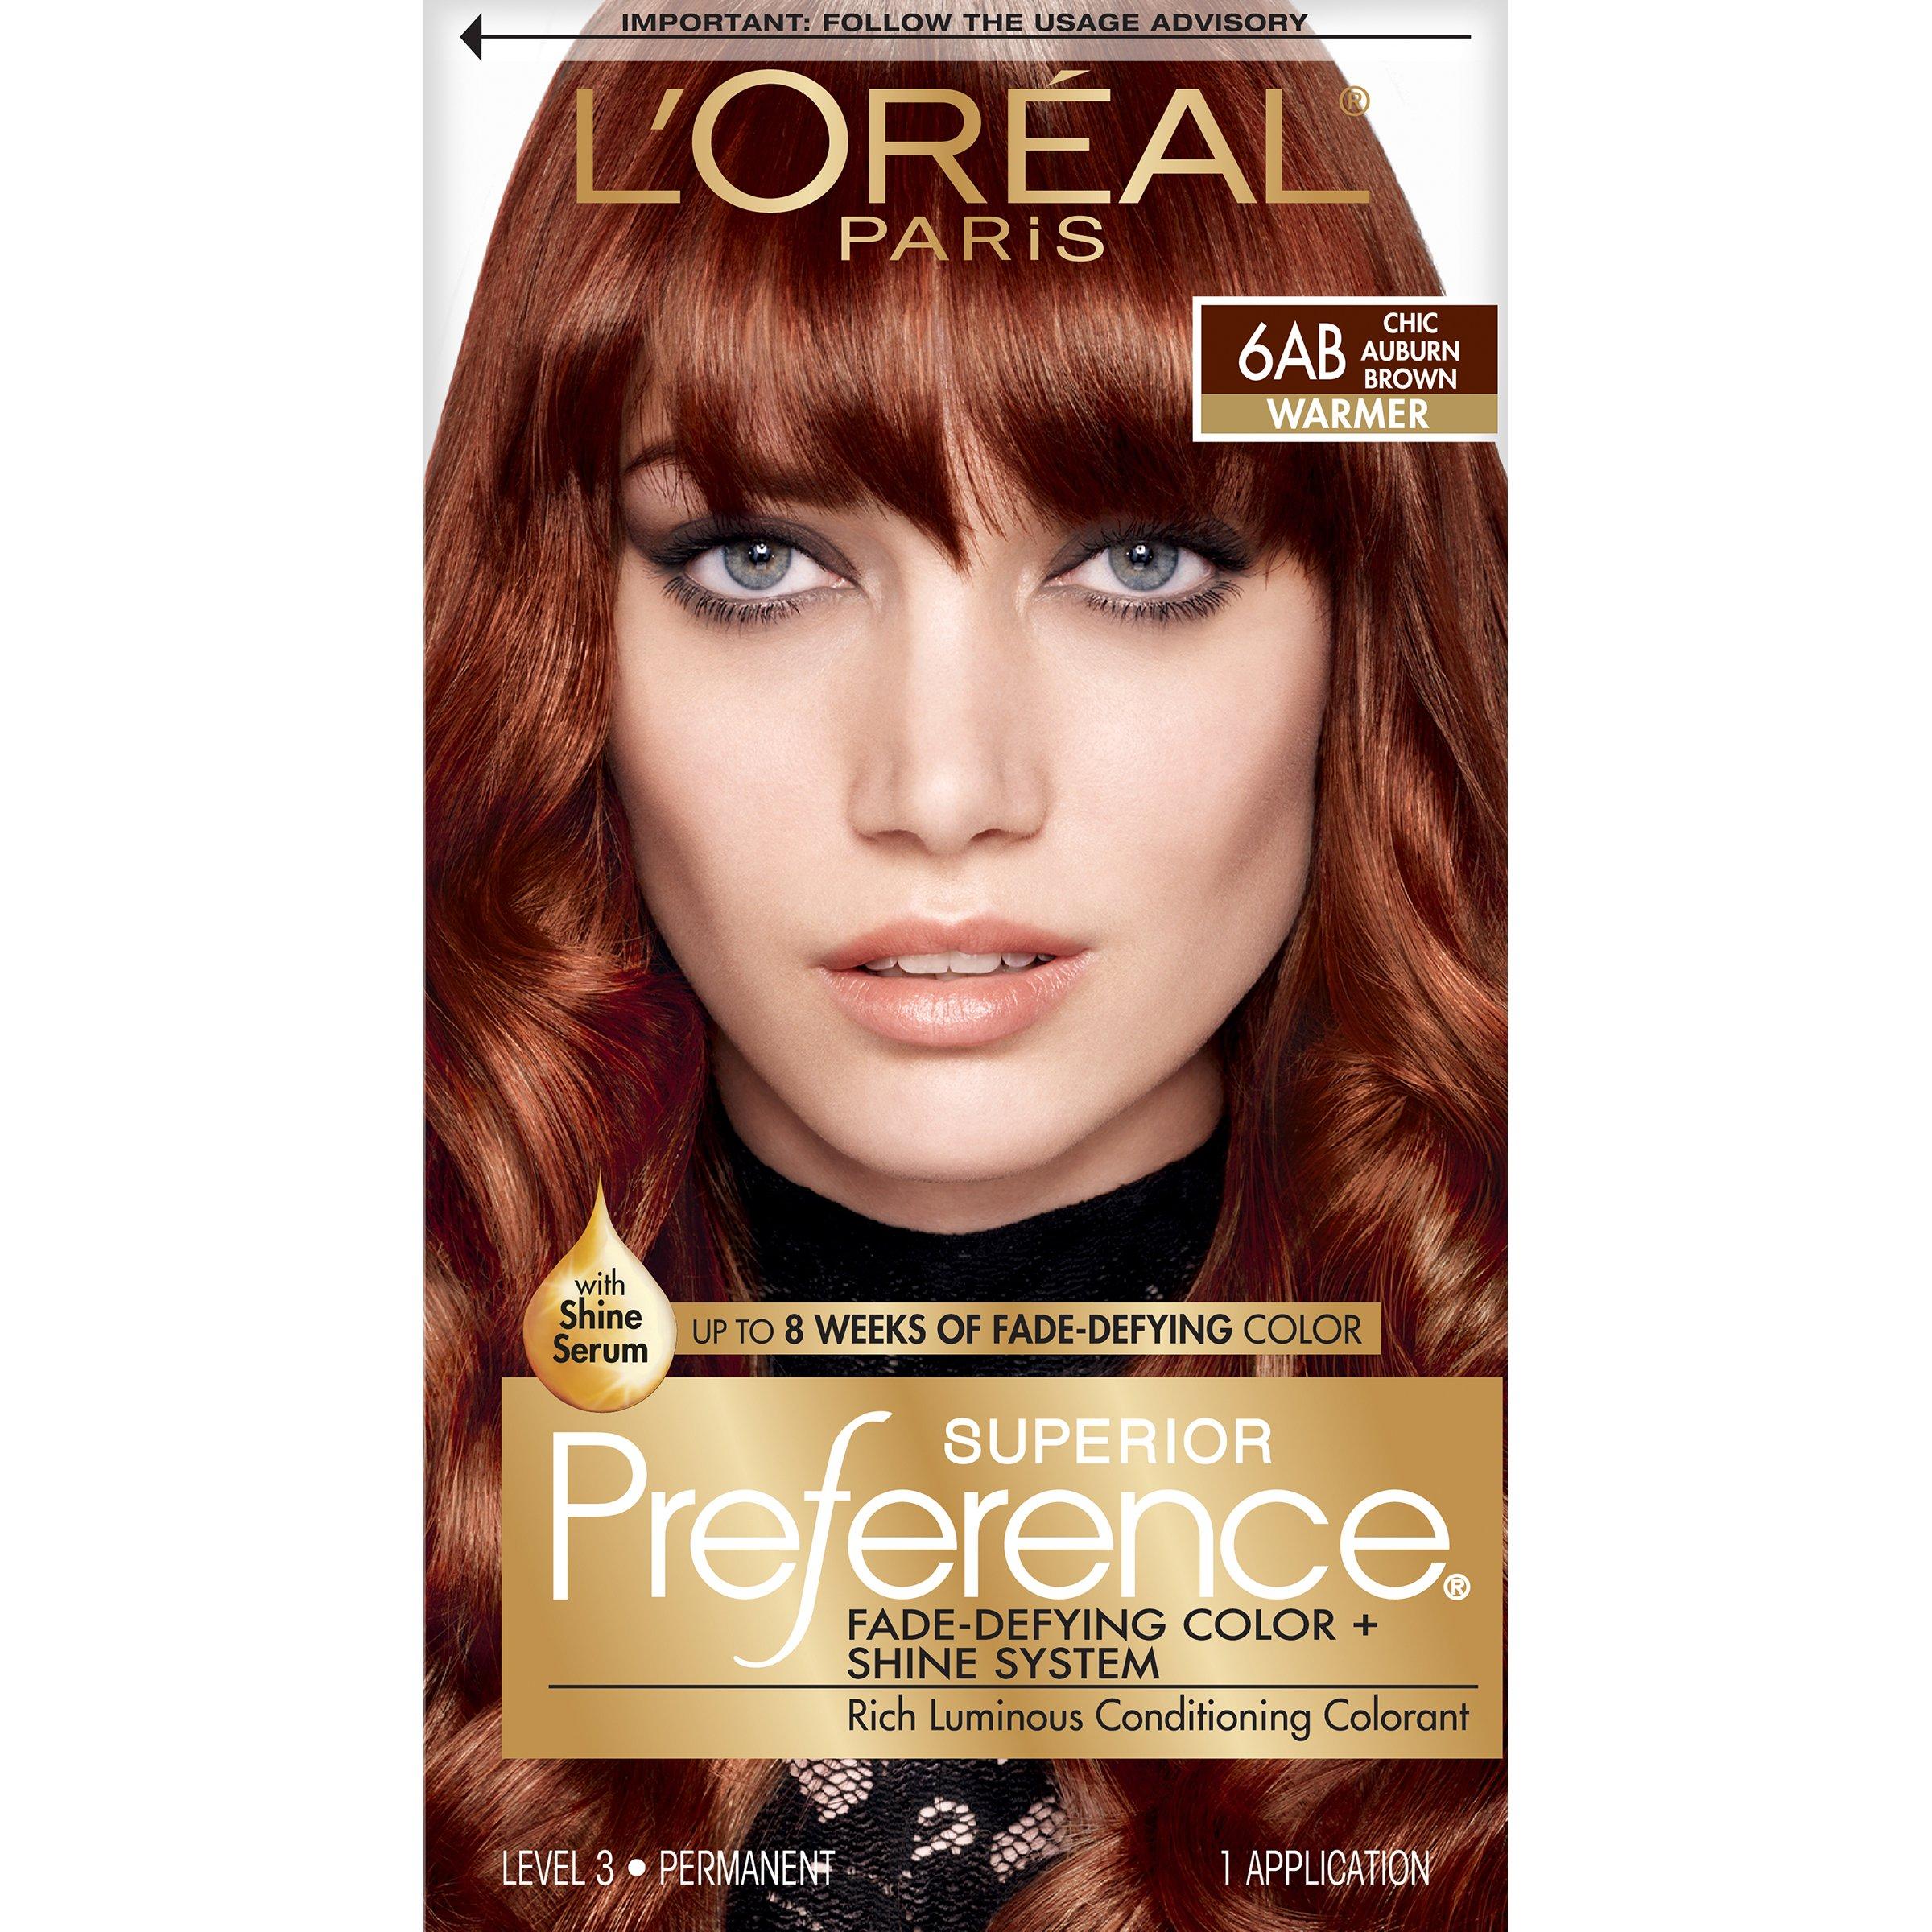 L'Oréal Paris Superior Preference Permanent Hair Color, 6AB Chic Auburn Brown